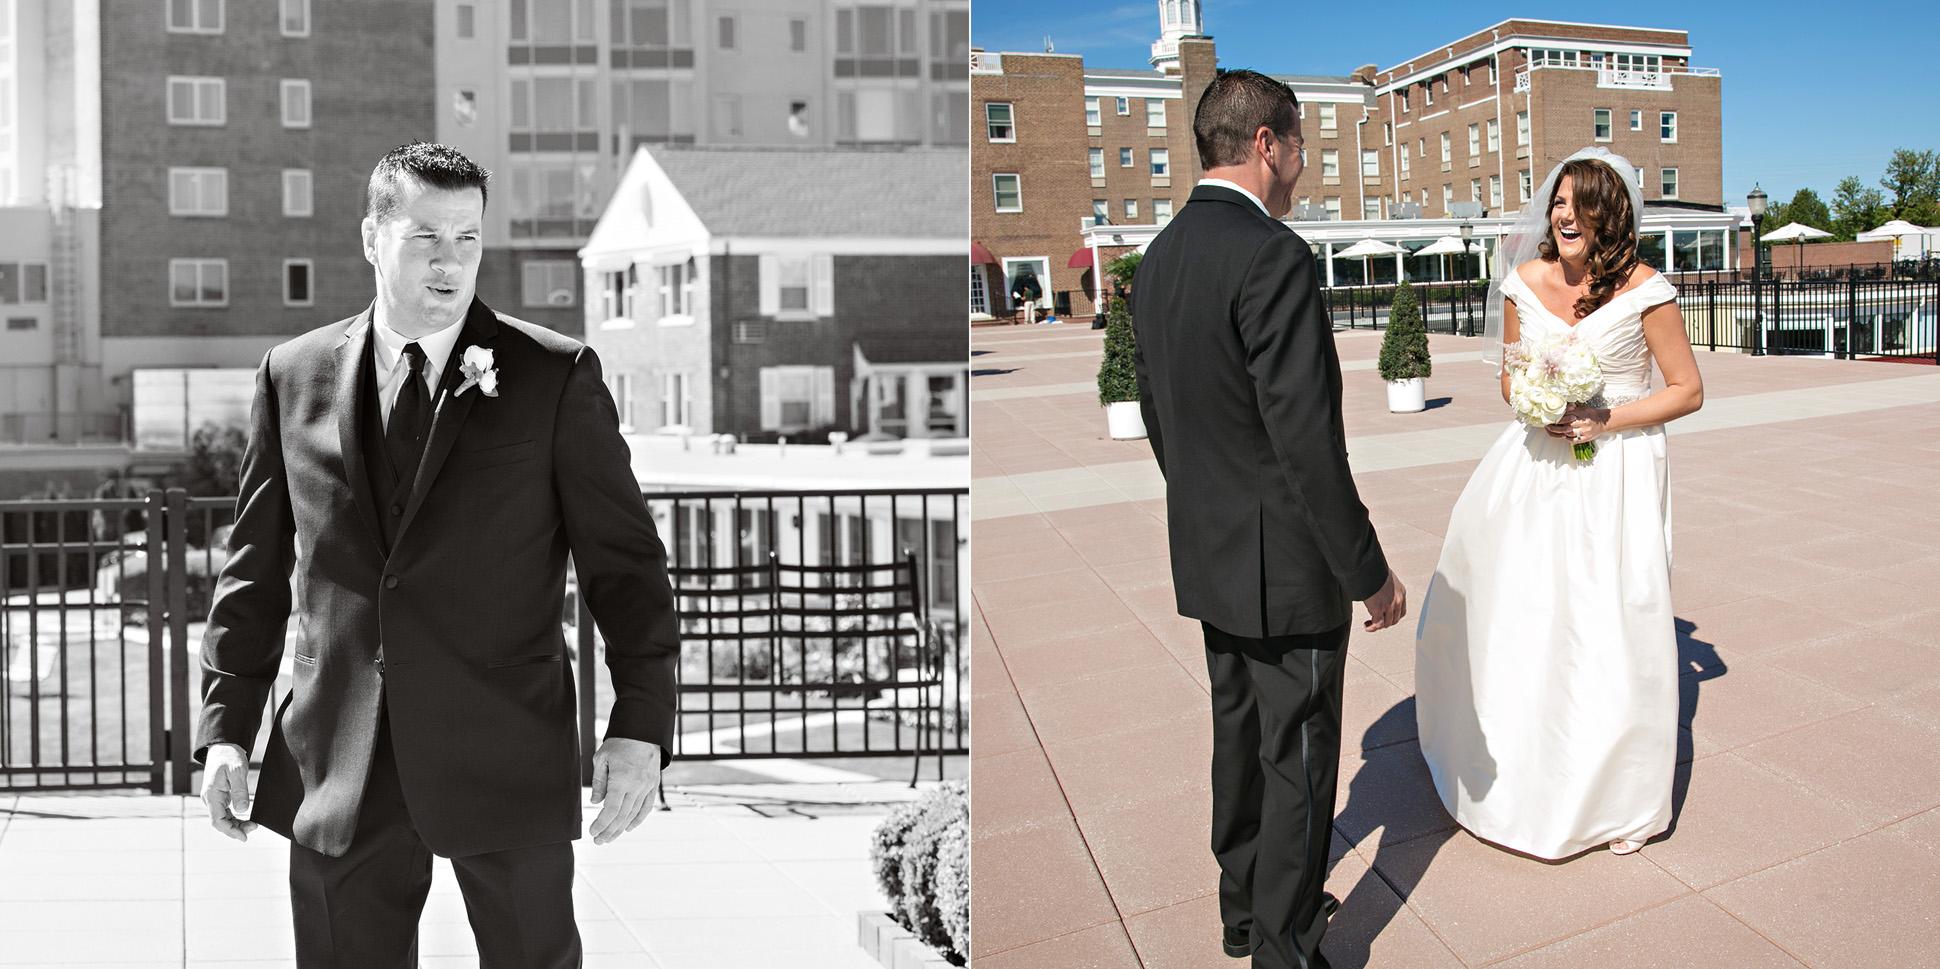 15-Sara Stadtmiller-SRS-Photography-Asbury-Park-Wedding-Photographer-Monmouth-County-Wedding-Photographer-NJ-Wedding-Photographer-Molly-Pitcher-Inn-Wedding